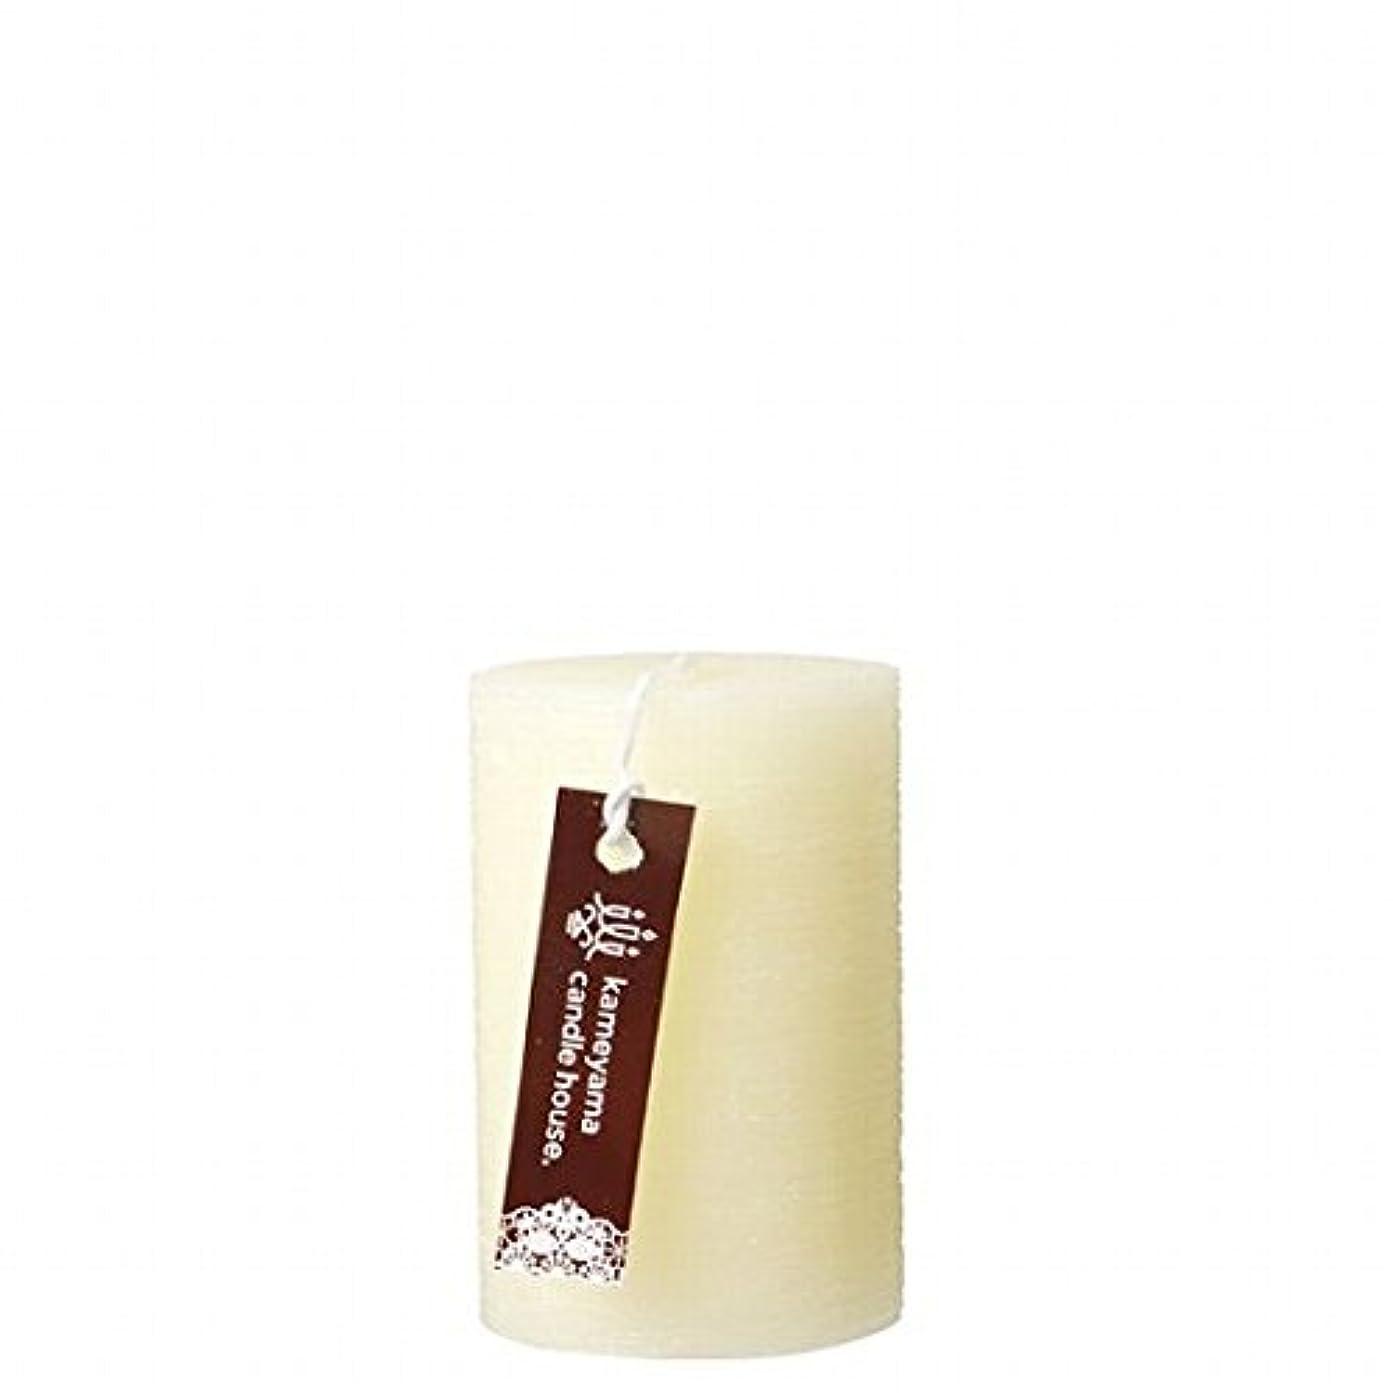 豆腐レンズ雑種カメヤマキャンドル(kameyama candle) ブラッシュピラー2×3 「 アイボリー 」